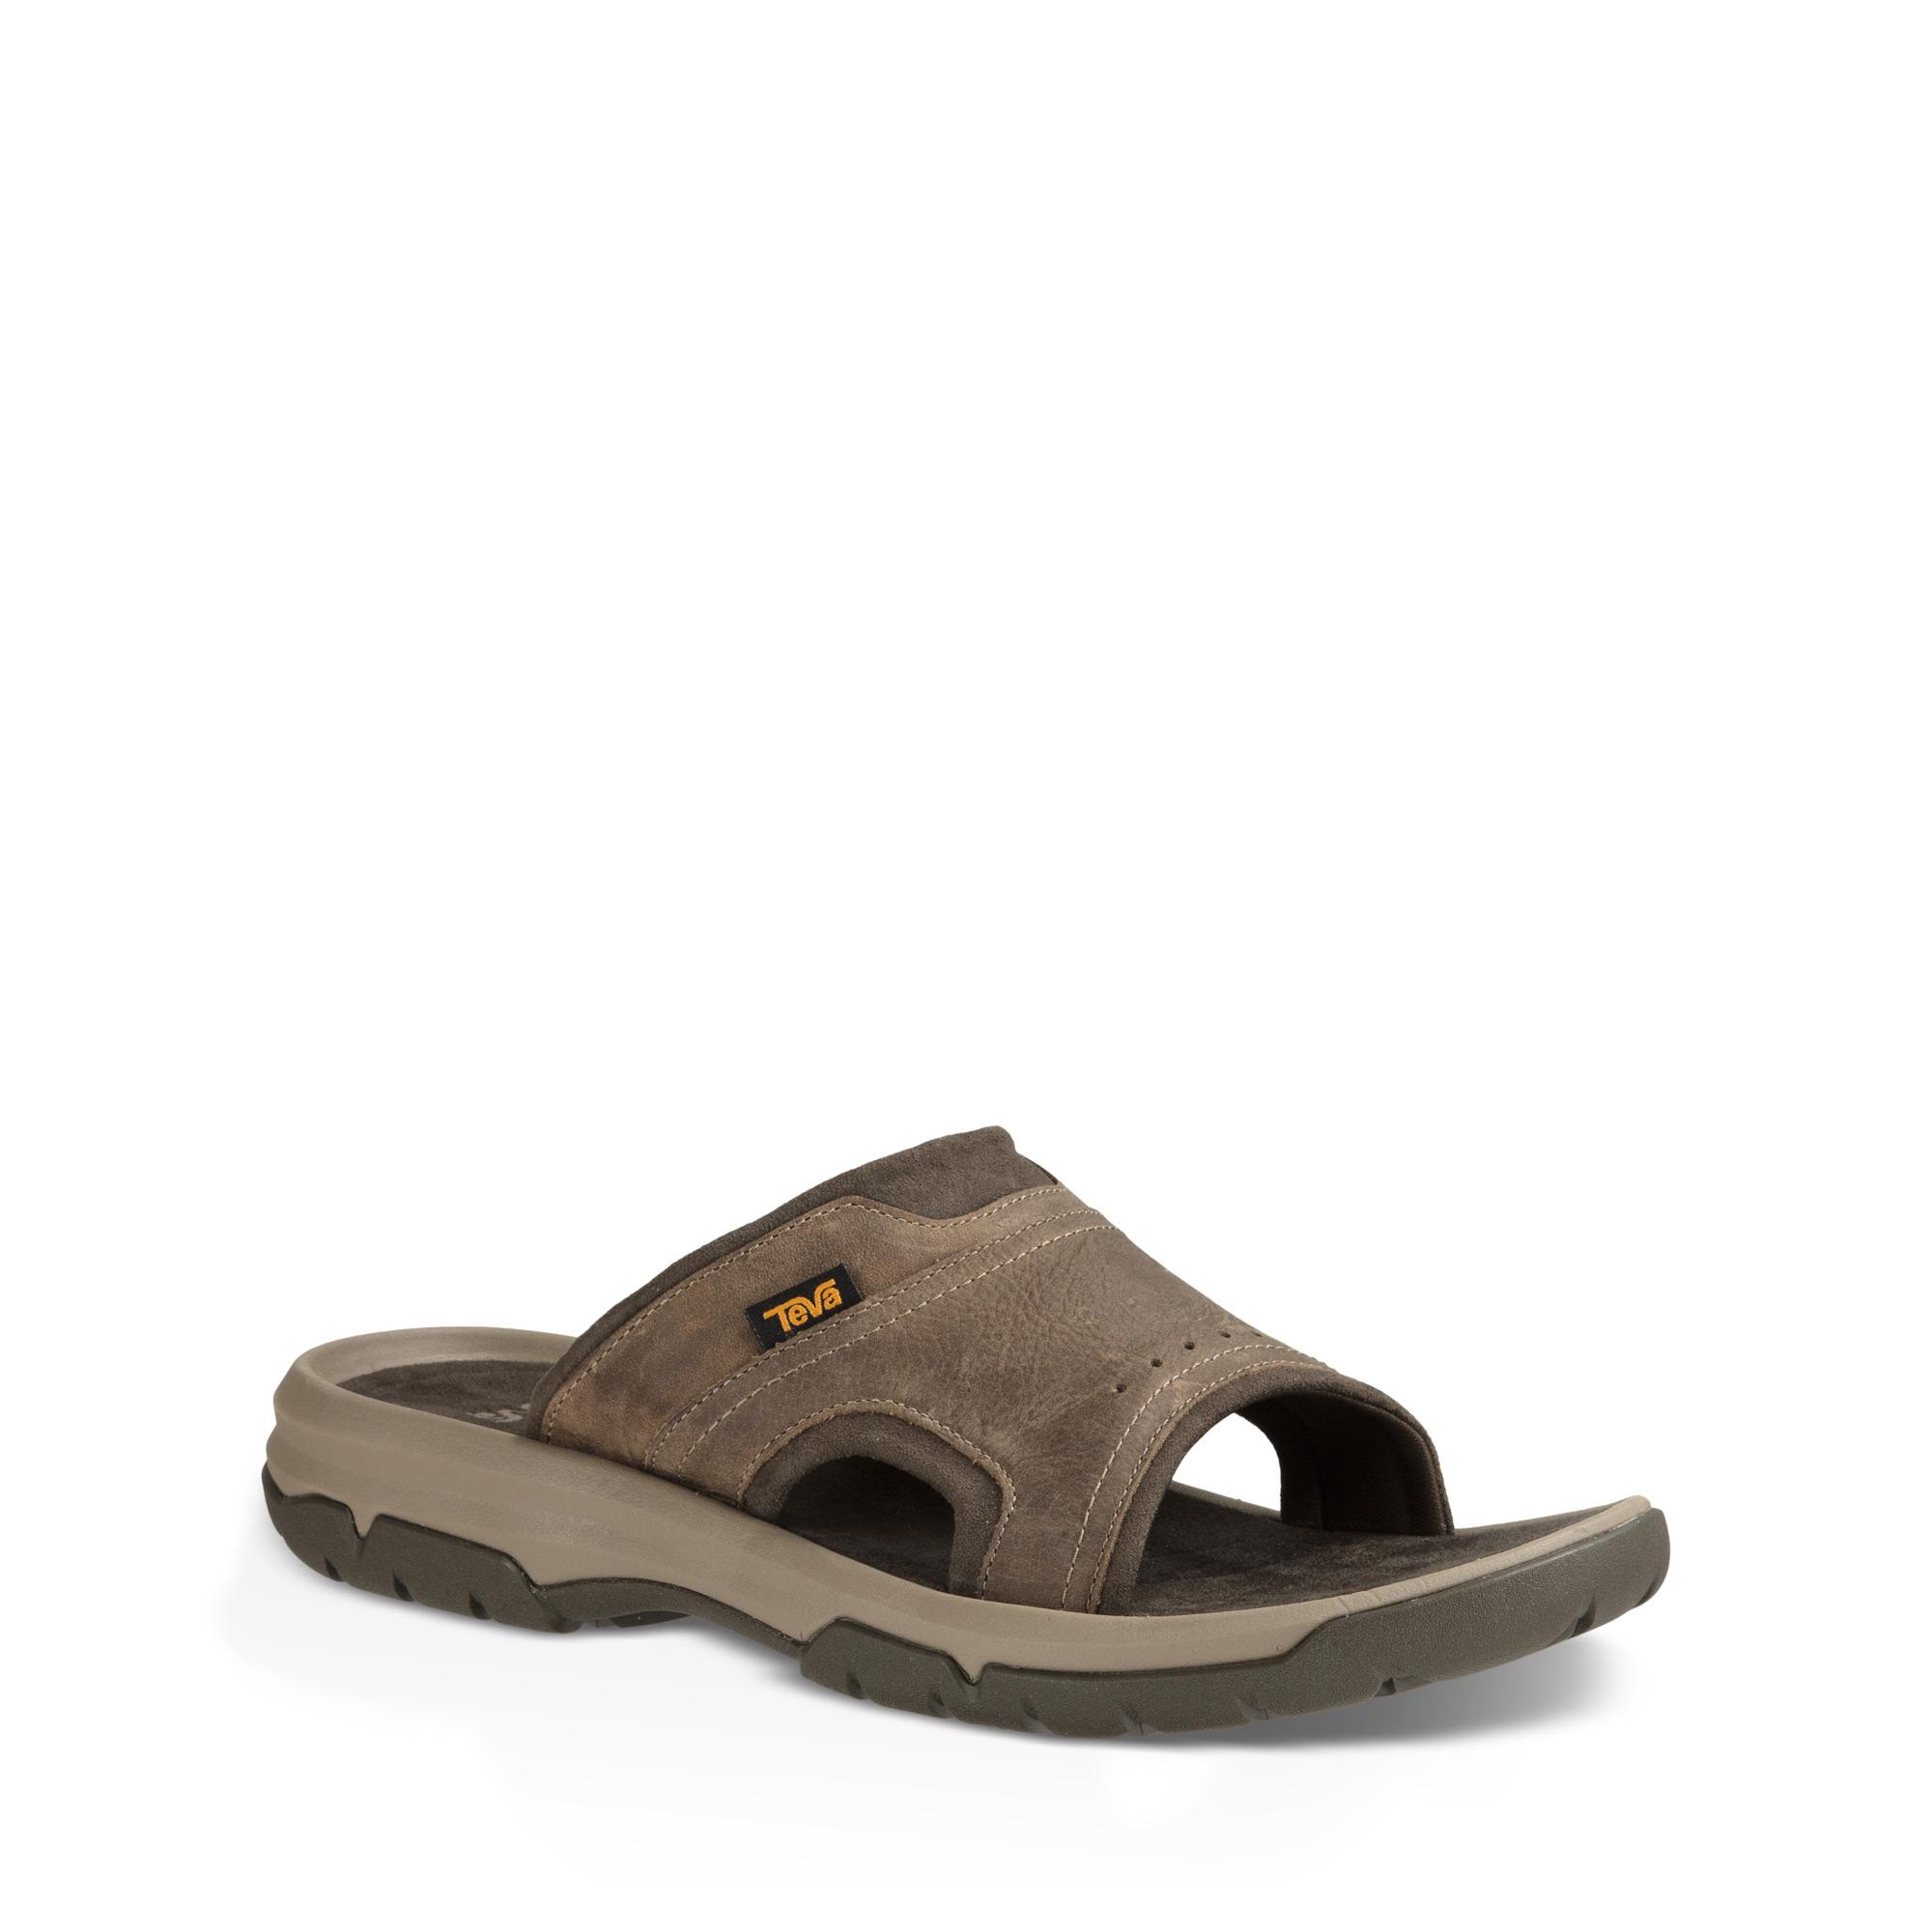 Teva - Brand Names | Schuler Shoes